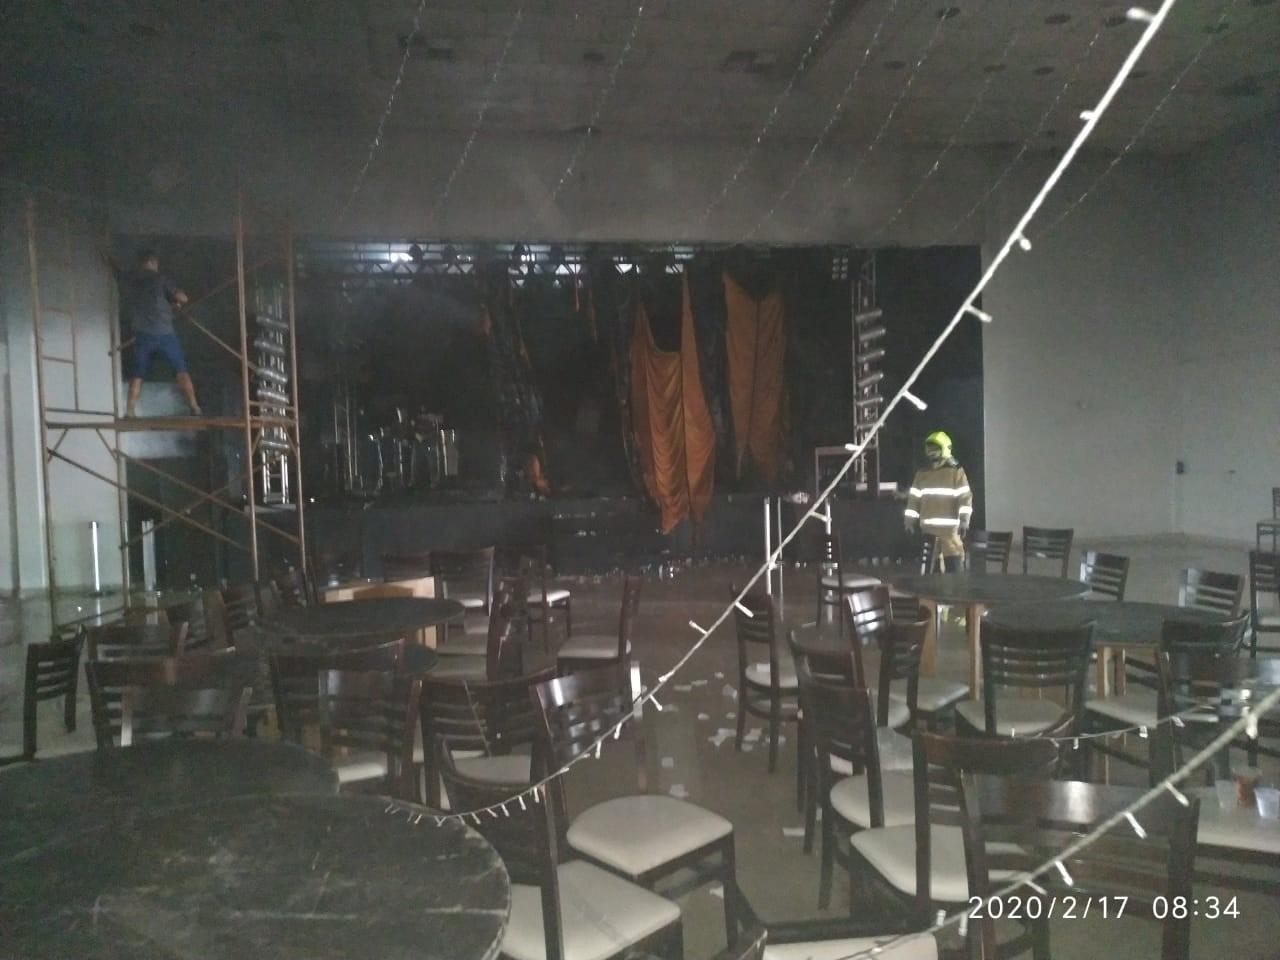 Casa de eventos pega fogo e bombeiros são acionados em Rio Branco